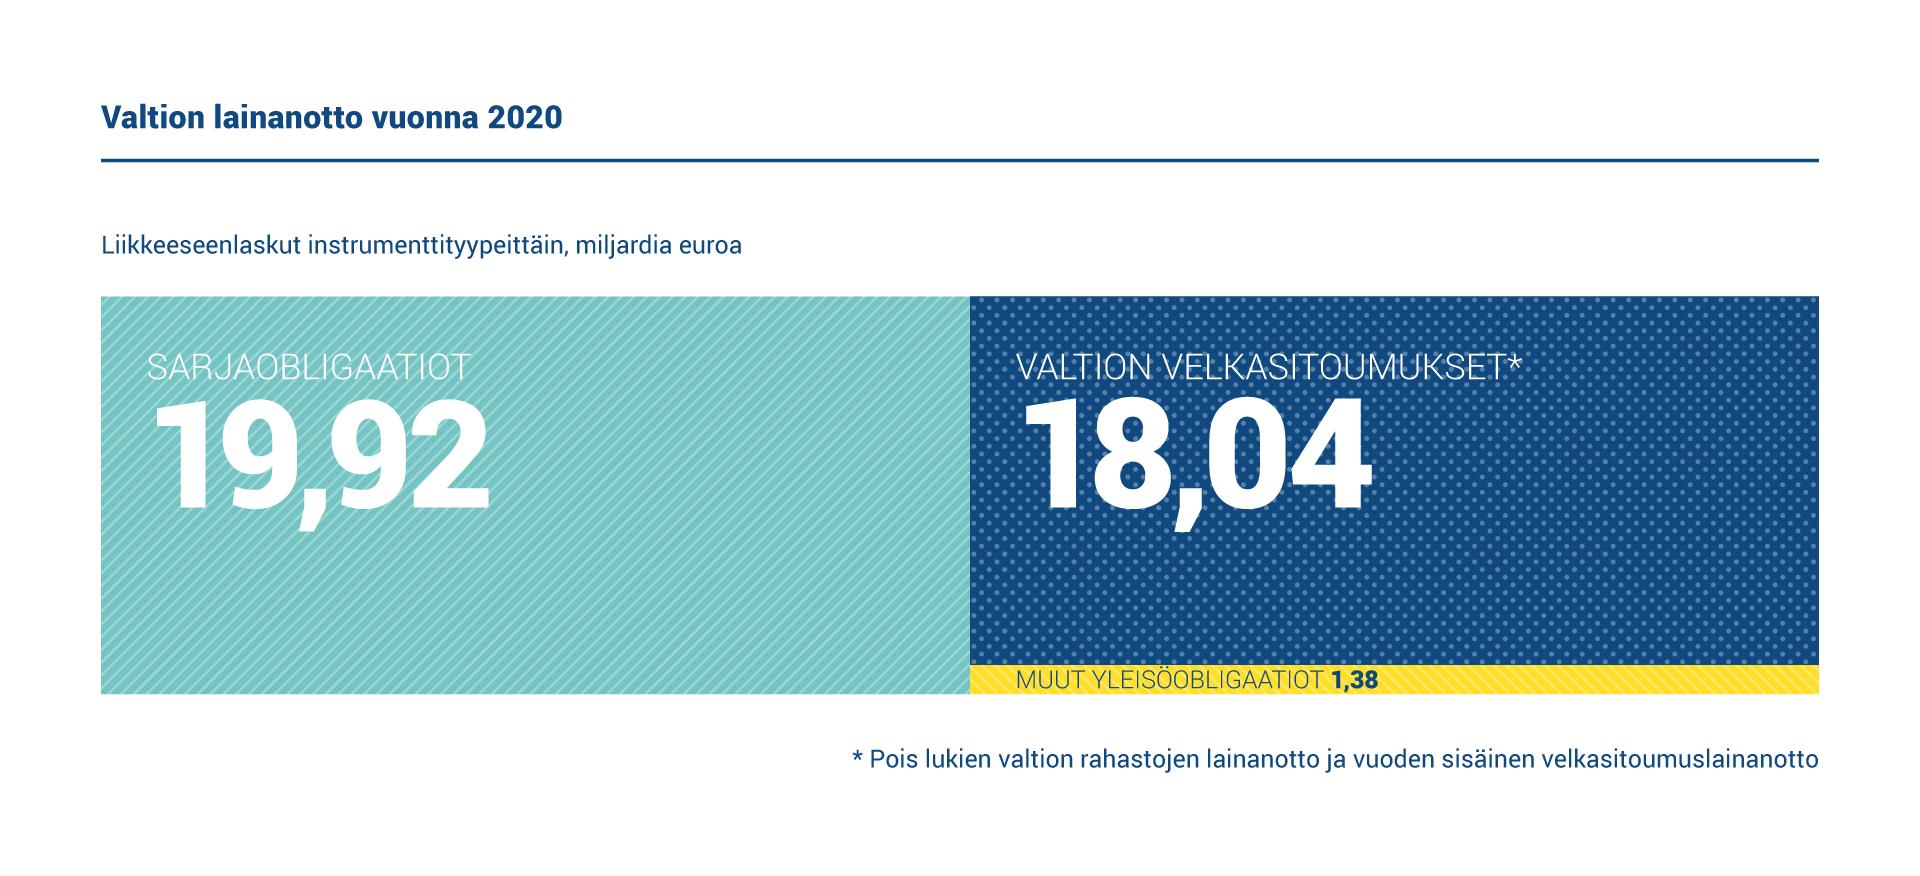 Toteutunut bruttolainanotto vuonna 2020 oli 39,3 miljardia euroa, josta 21,3 miljardia euroa oli pitkäaikaista ja 18 miljardia euroa lyhytaikaista lainanottoa.